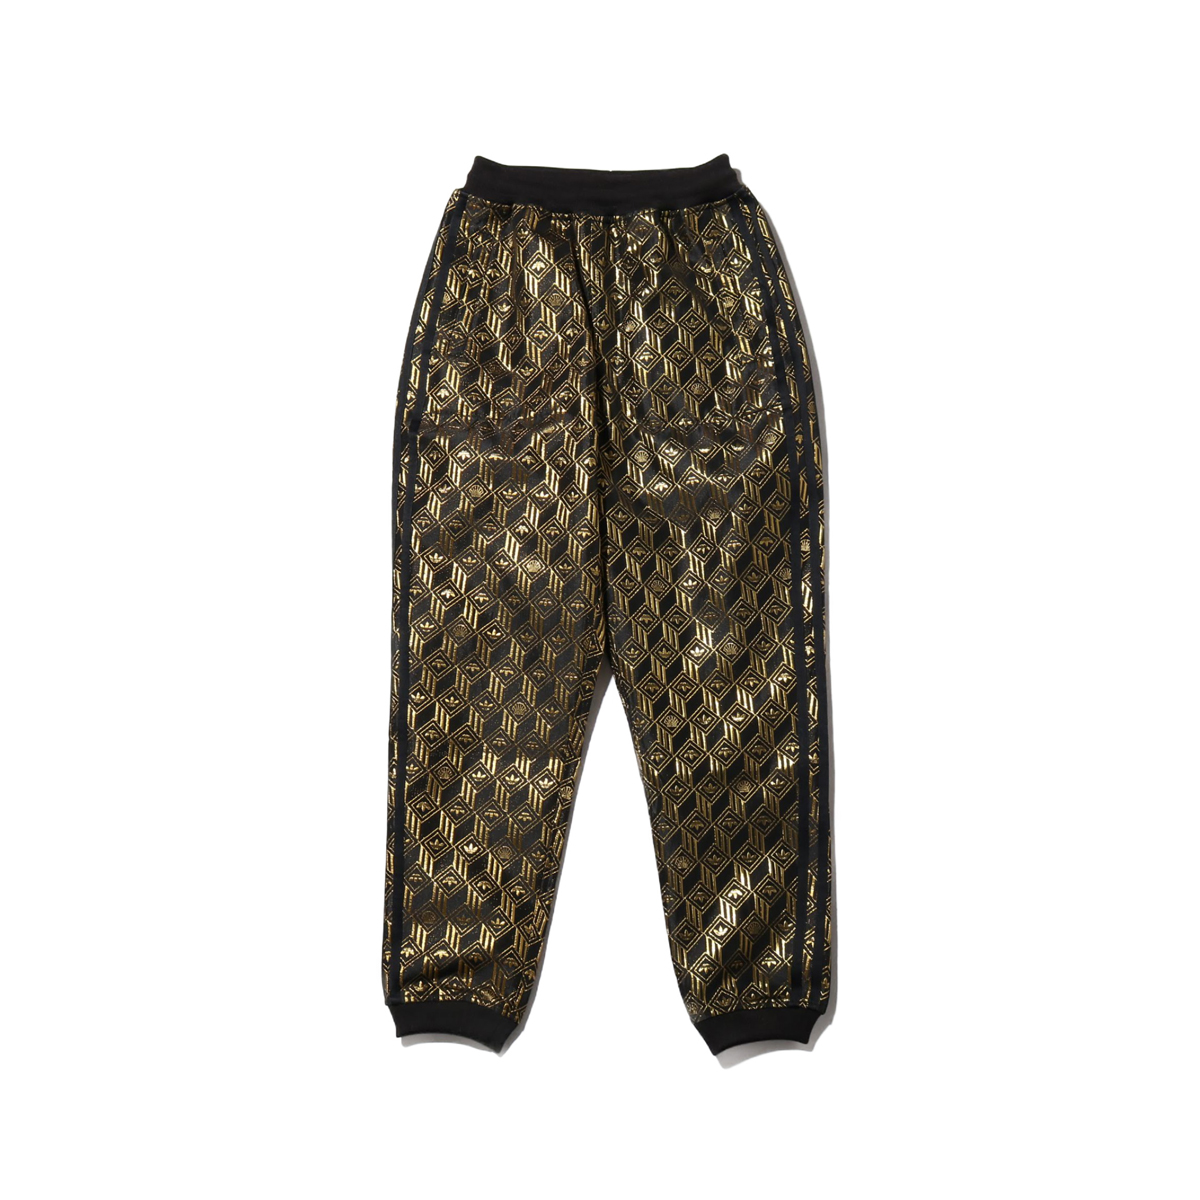 adidas PREMIUM SST TRACK PANTS(BLACK/GOLD METRIC)(アディダス プレミアム スーパースター トラックパンツ)【レディース】【ロングパンツ】【20SS-I】